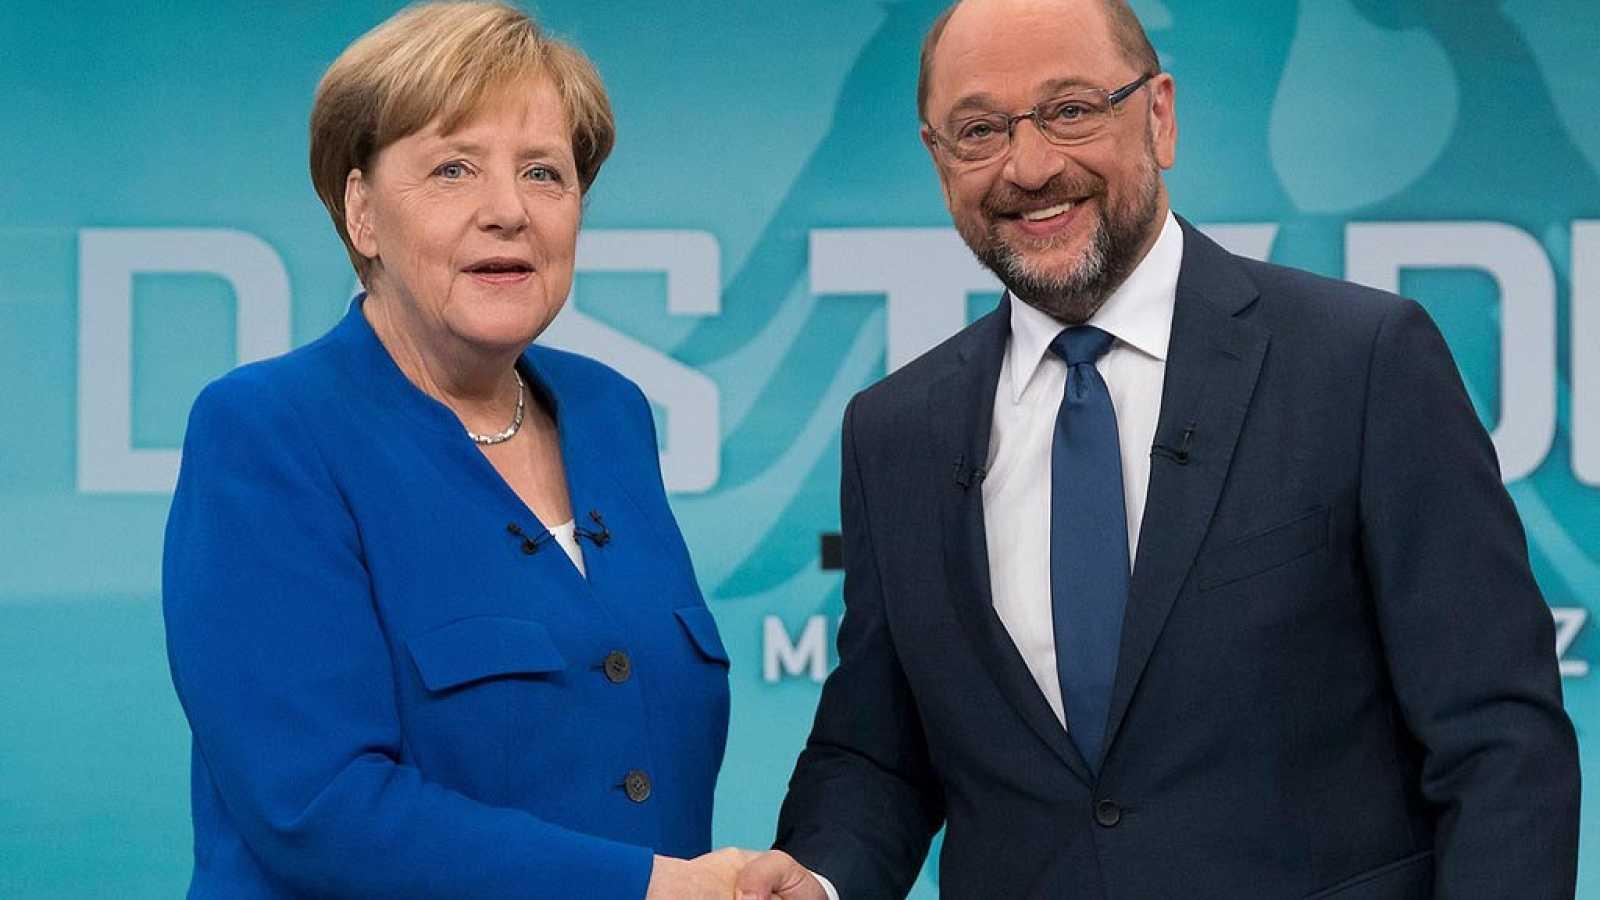 Elecciones en Alemania - Merkel gana el único debate televisado frente a Schulz, según las encuestas